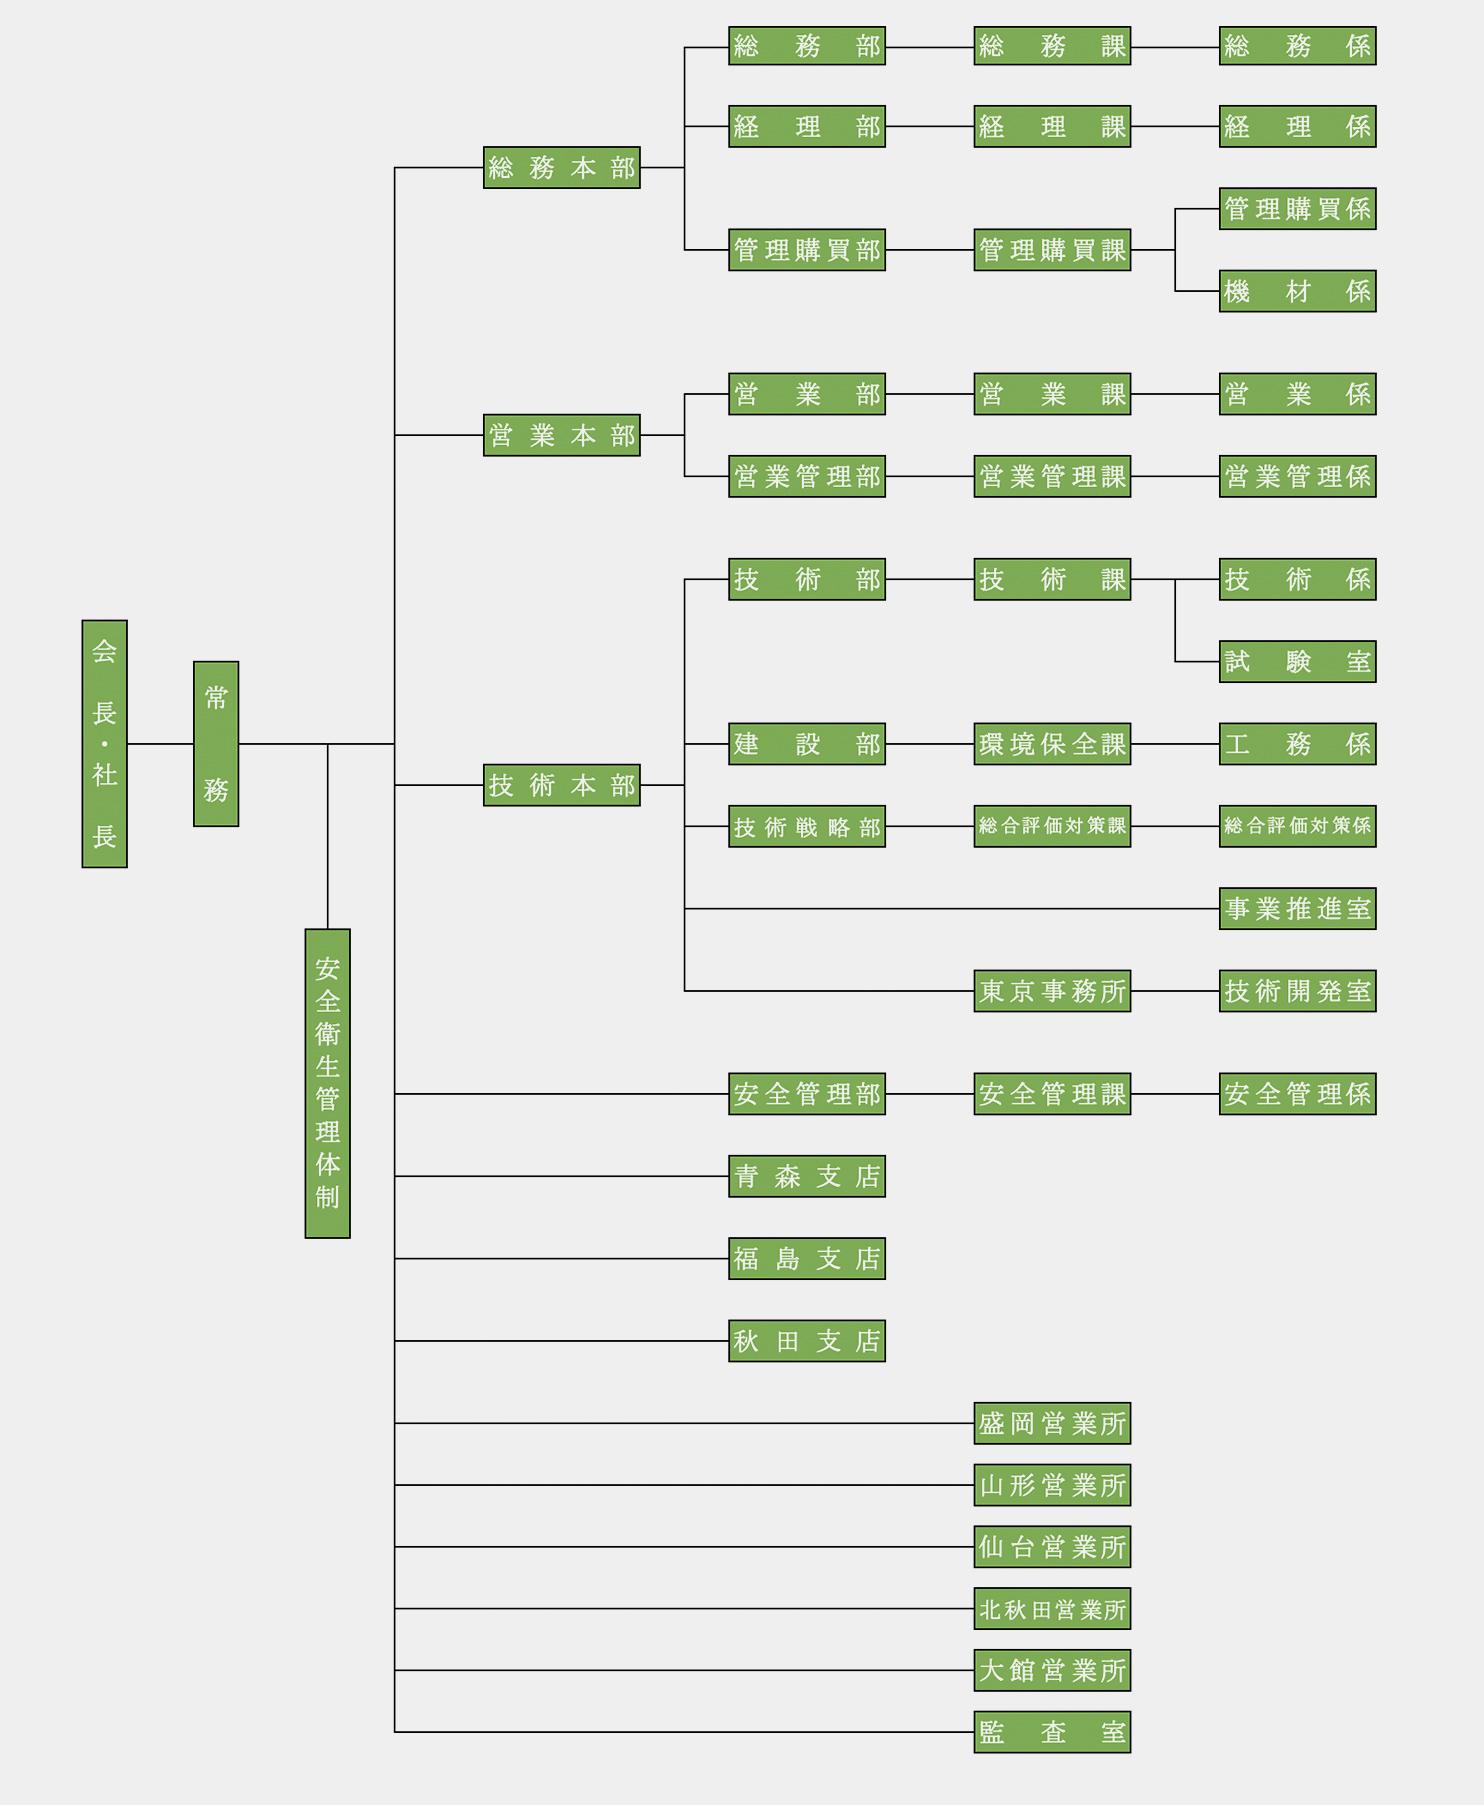 奥山ボーリング株式会社 組織図